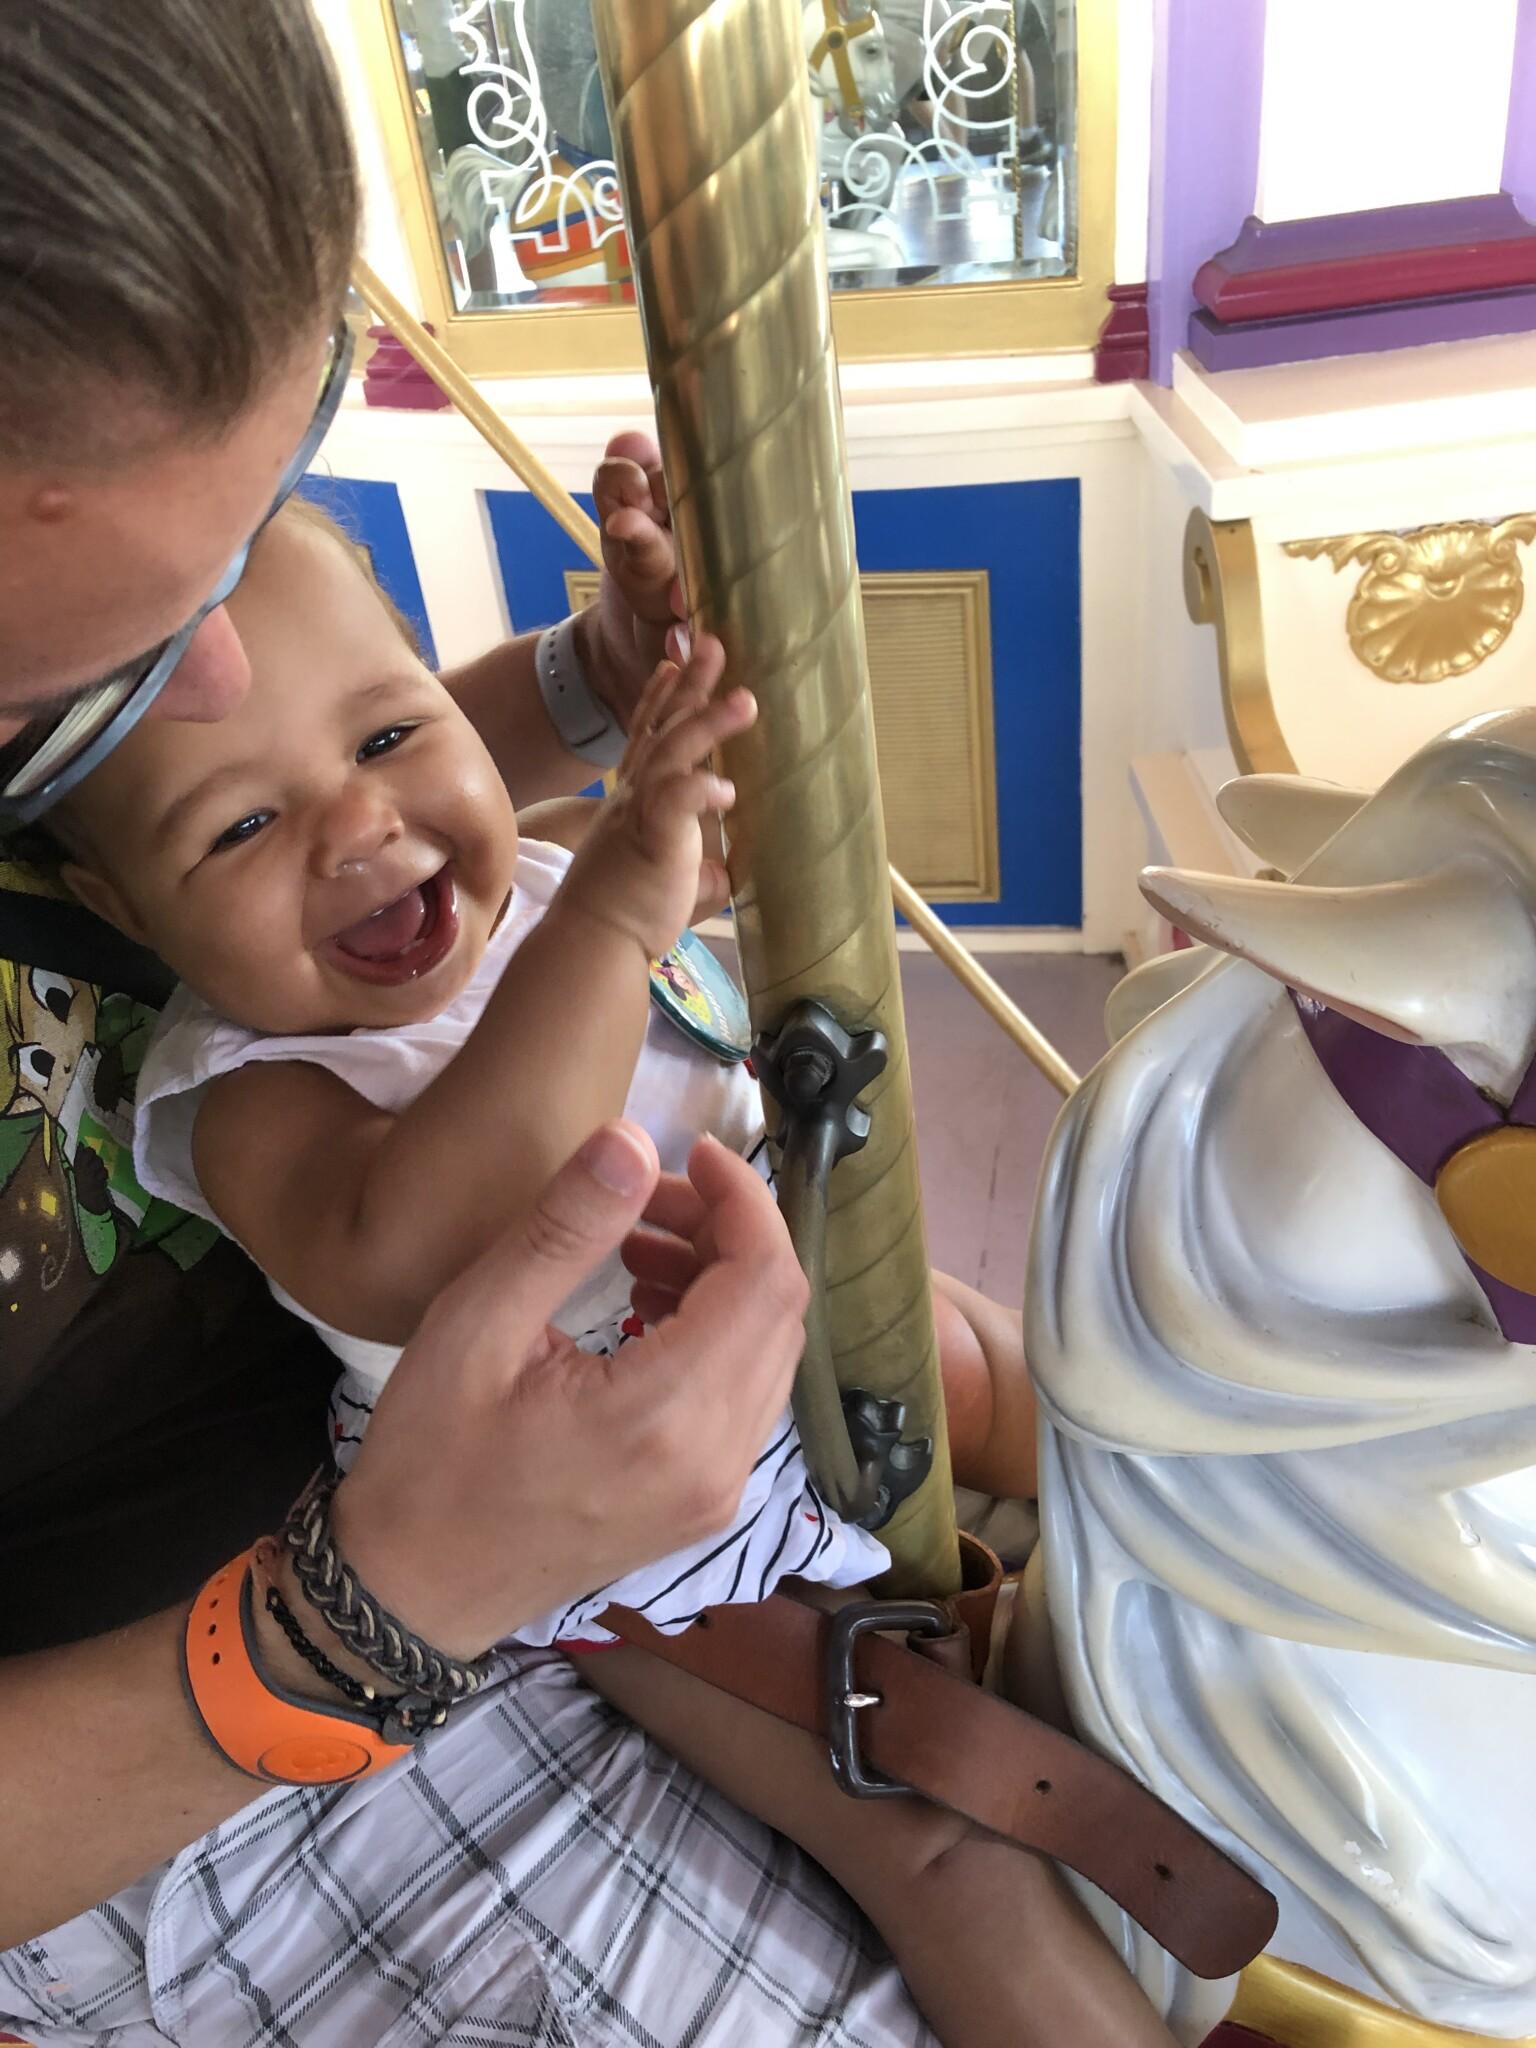 2 semaines en Floride avec un bébé de 1 an - Séjour du 2 au 16 mai 2019 DCL + WDW - Page 15 IMG_0915-1536x2048